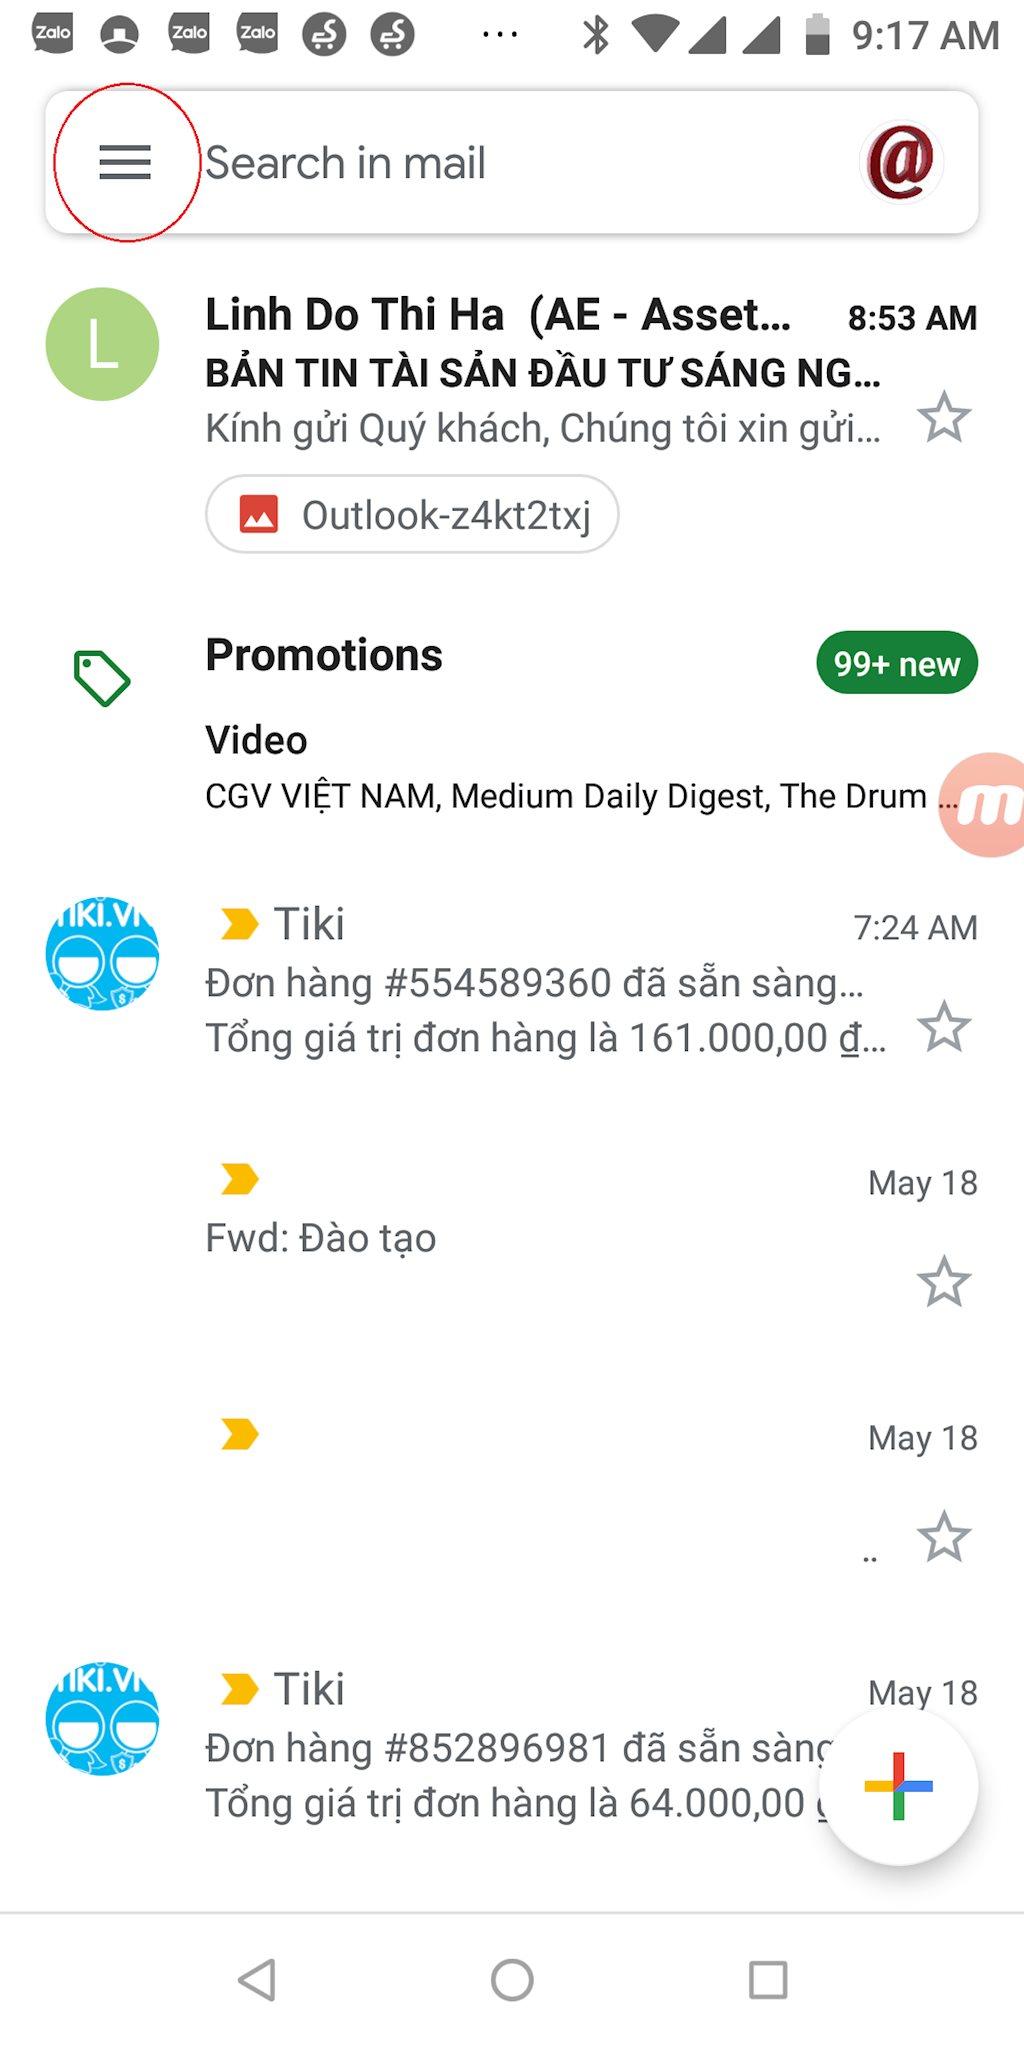 e1-huong-dan-cai-dat-giao-dien-gmail-nen-toi-cach-thay-doi-giao-dien-gmail-dark-mode(1).png